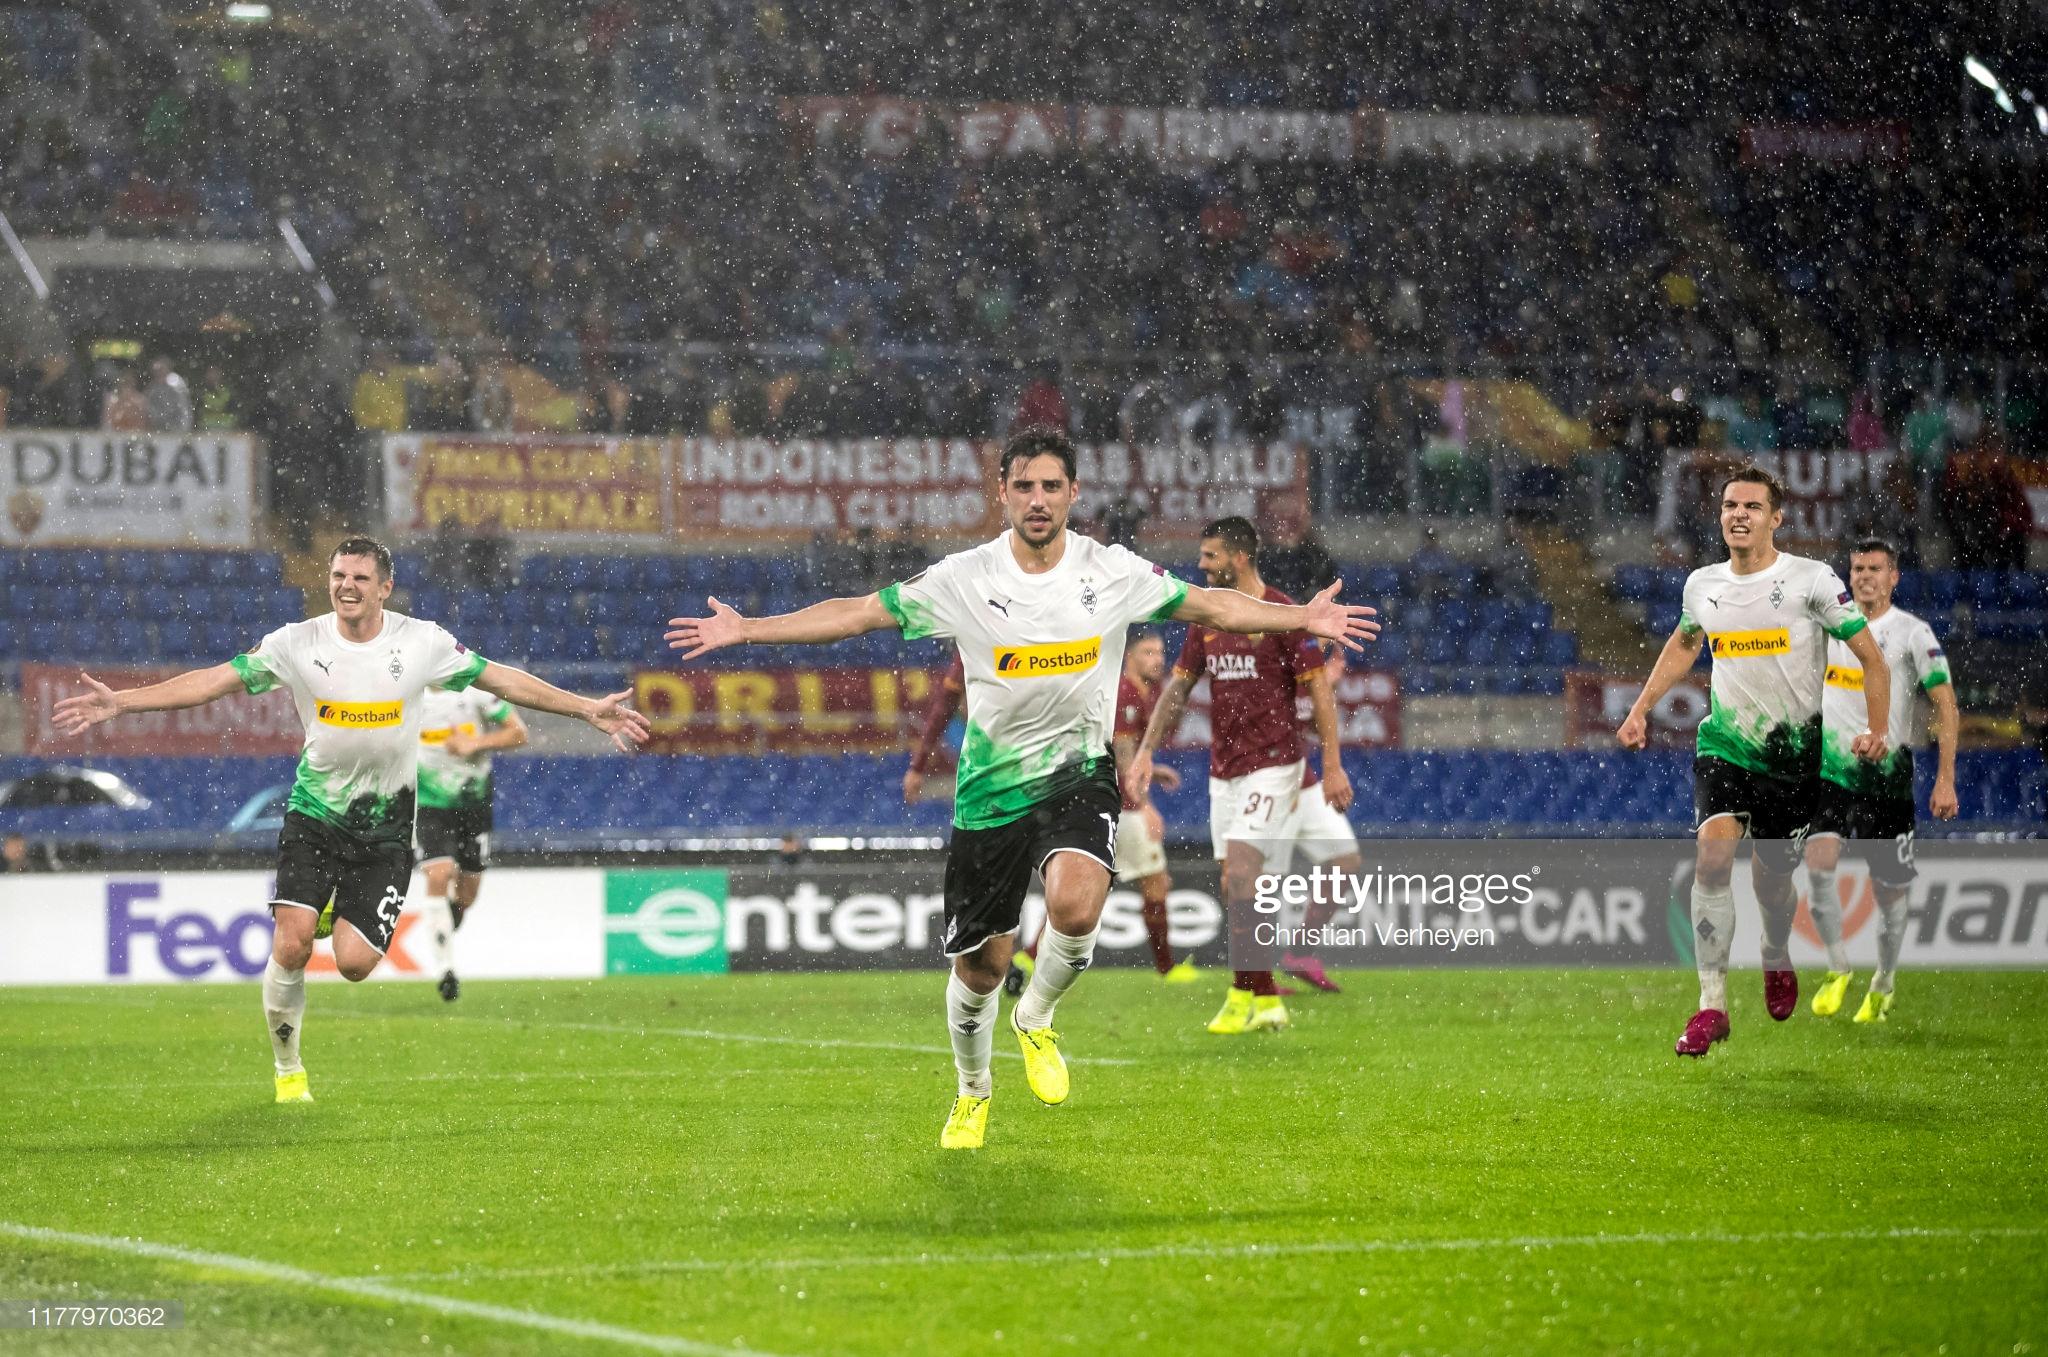 Մյունխենգլադբախի Բորուսիան 90+5 րոպեին հաղթանակ կորզեց Ռոմայի դեմ խաղում (տեսանյութ)